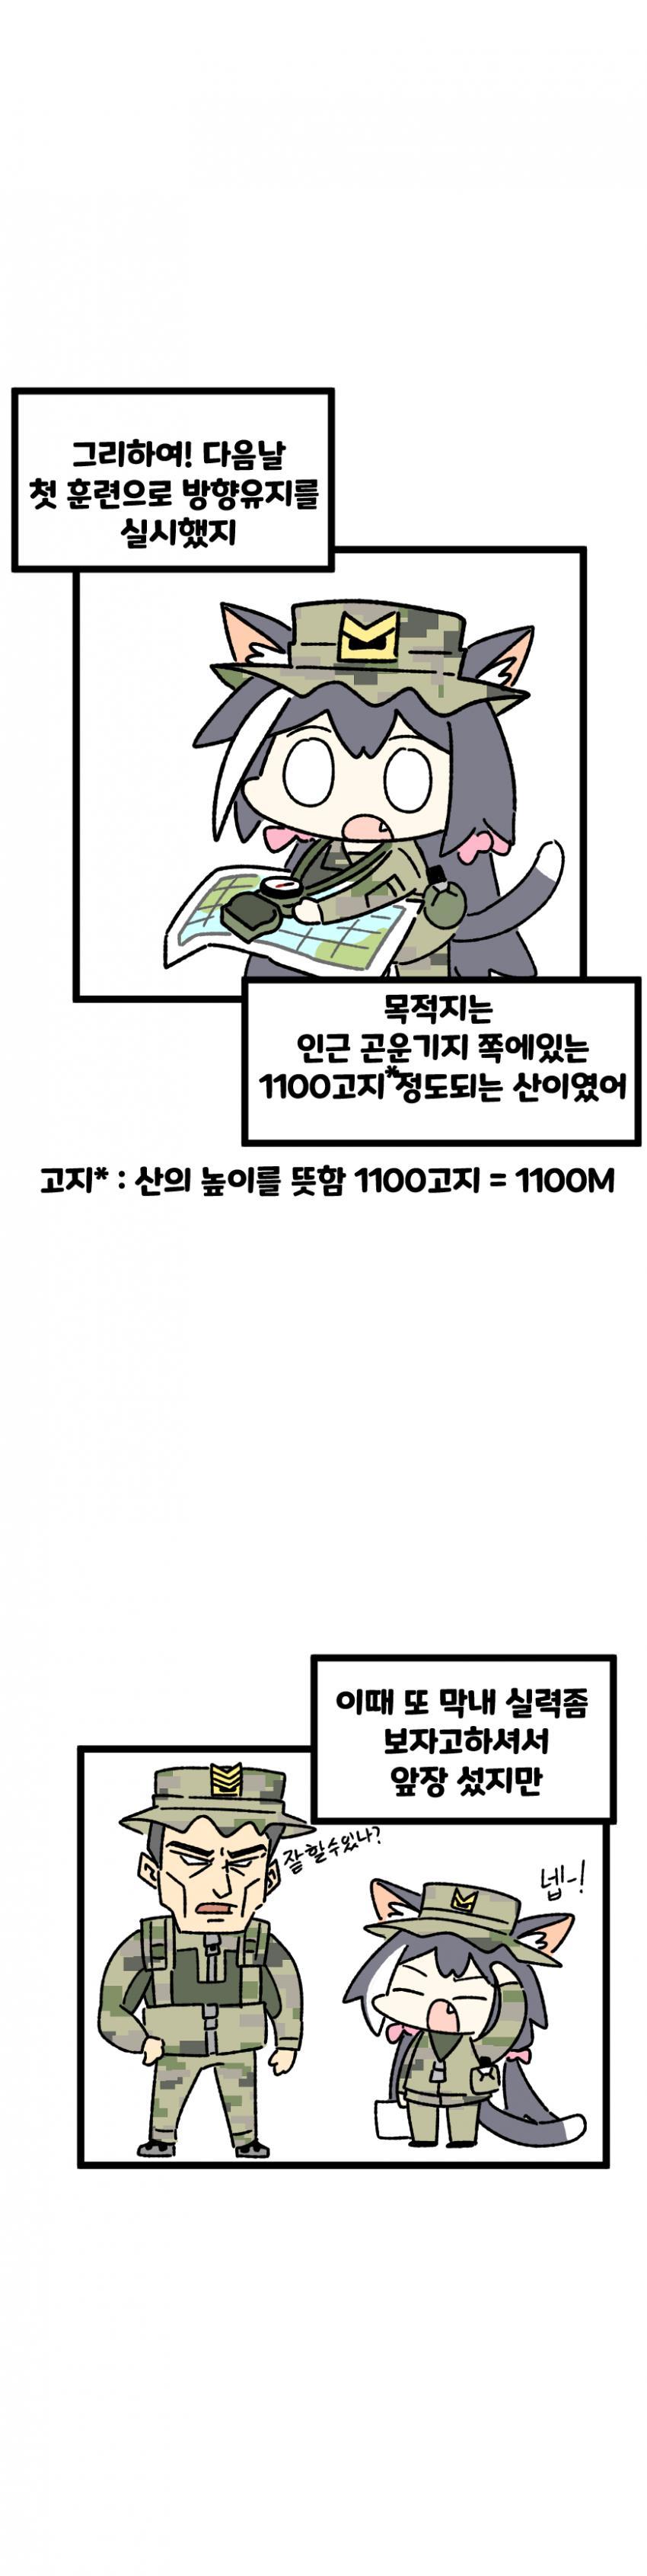 viewimage.php?id=2ebcc232eadd36&no=24b0d769e1d32ca73fec8efa11d02831835273132ddd61d36cf617d09f43d54cff8b7278954ea96a93bf9ab3dcb07cadf07e8de445ec51a7472138970eee3ce314